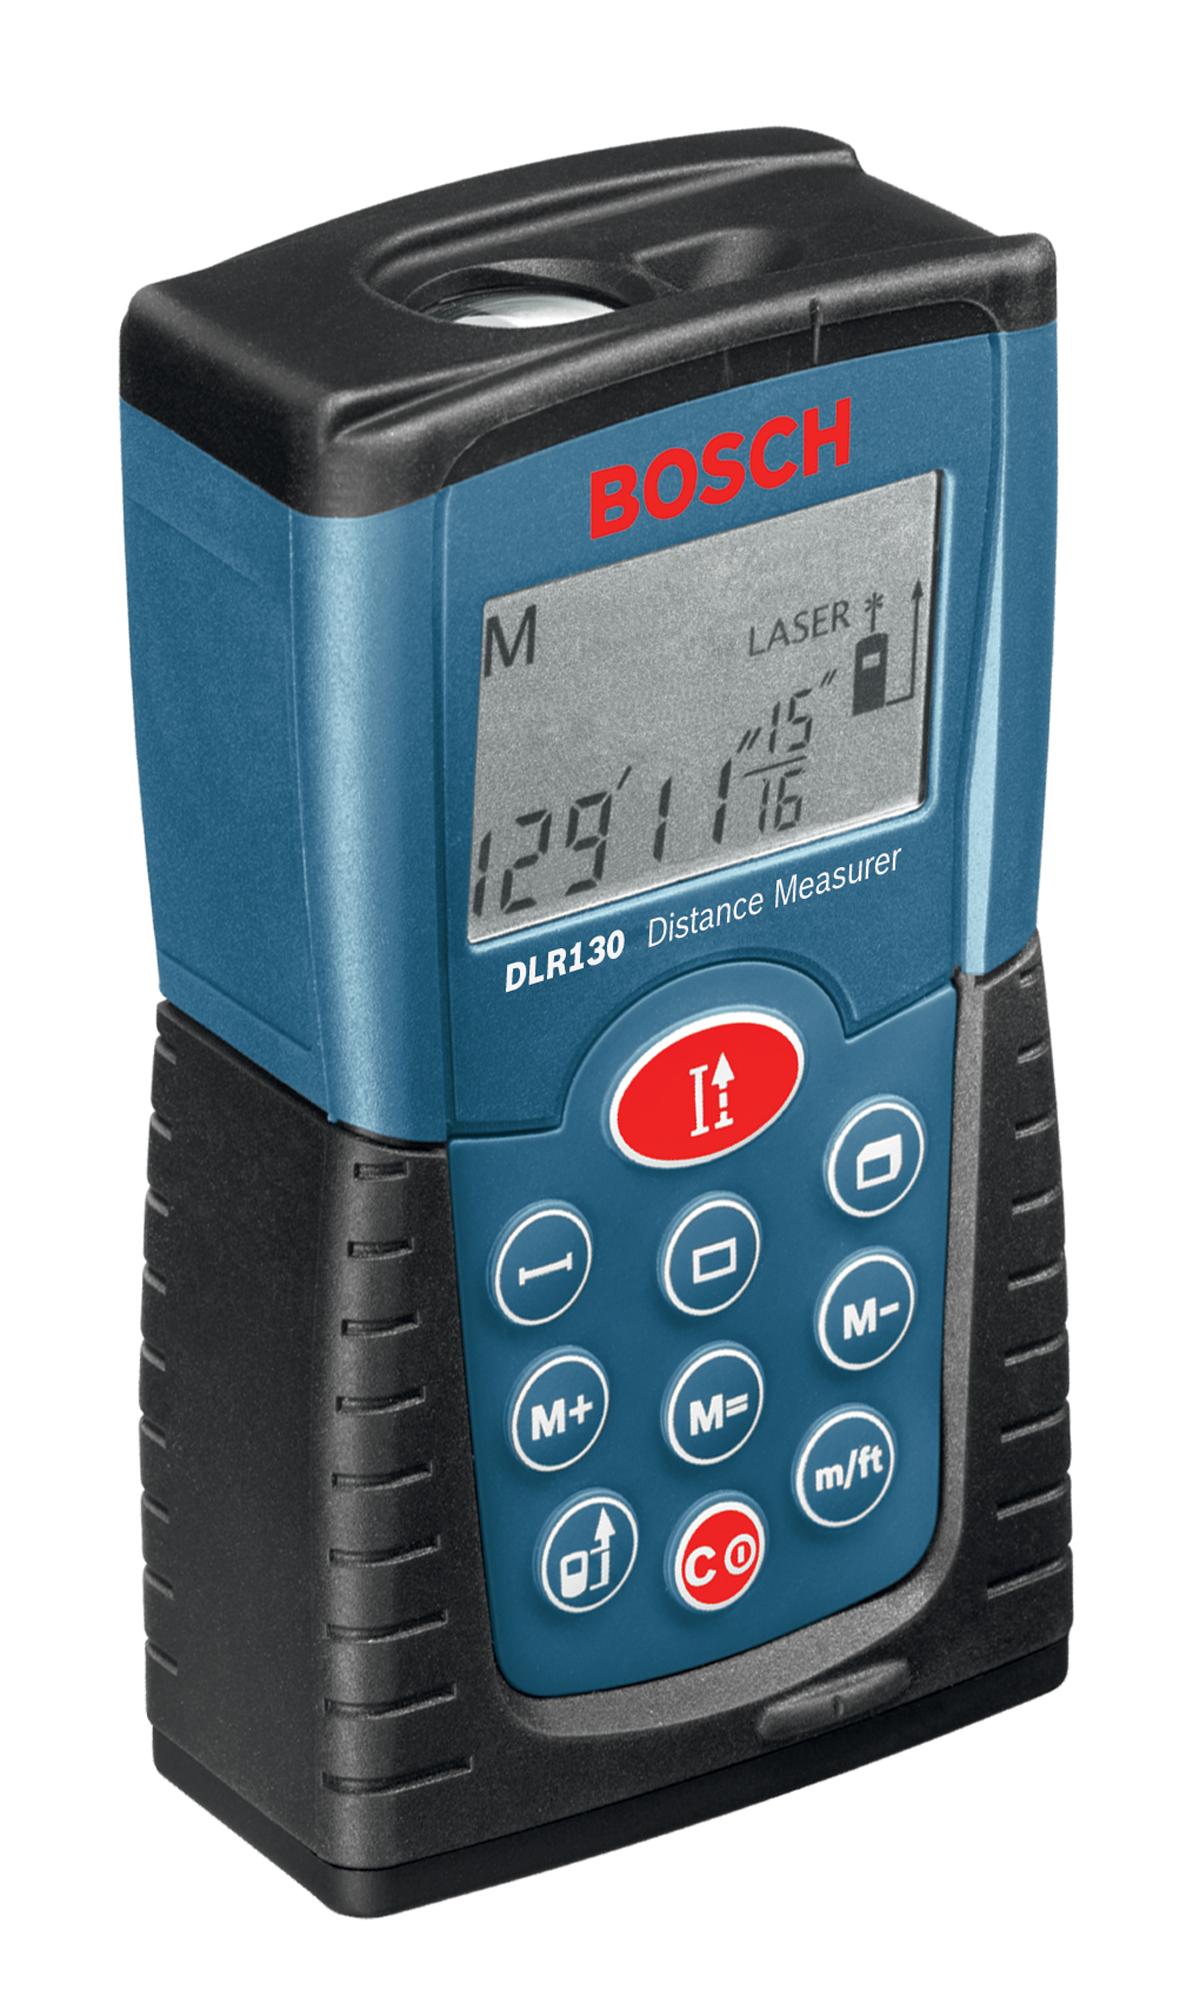 testing measurement distance measuring bosch glm50c laser measurer. Black Bedroom Furniture Sets. Home Design Ideas